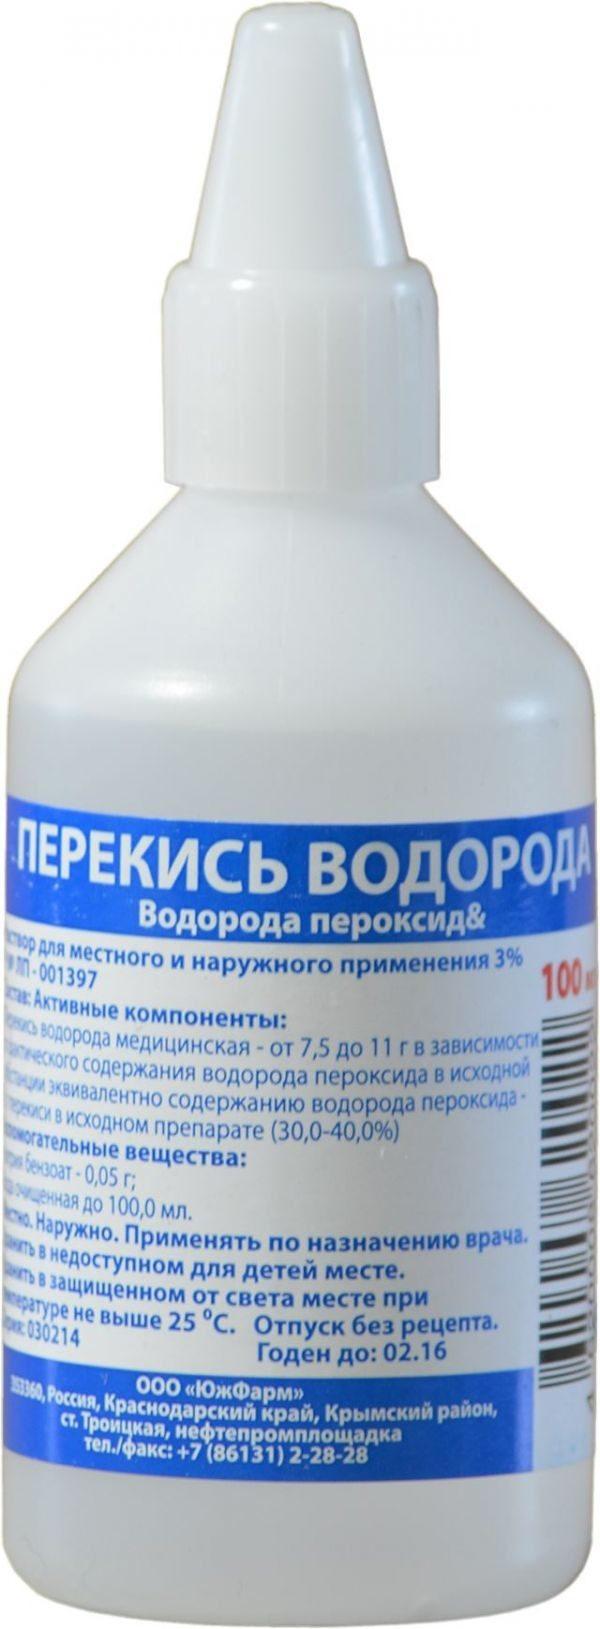 50 способов применения перекиси водорода - Infoniac 13